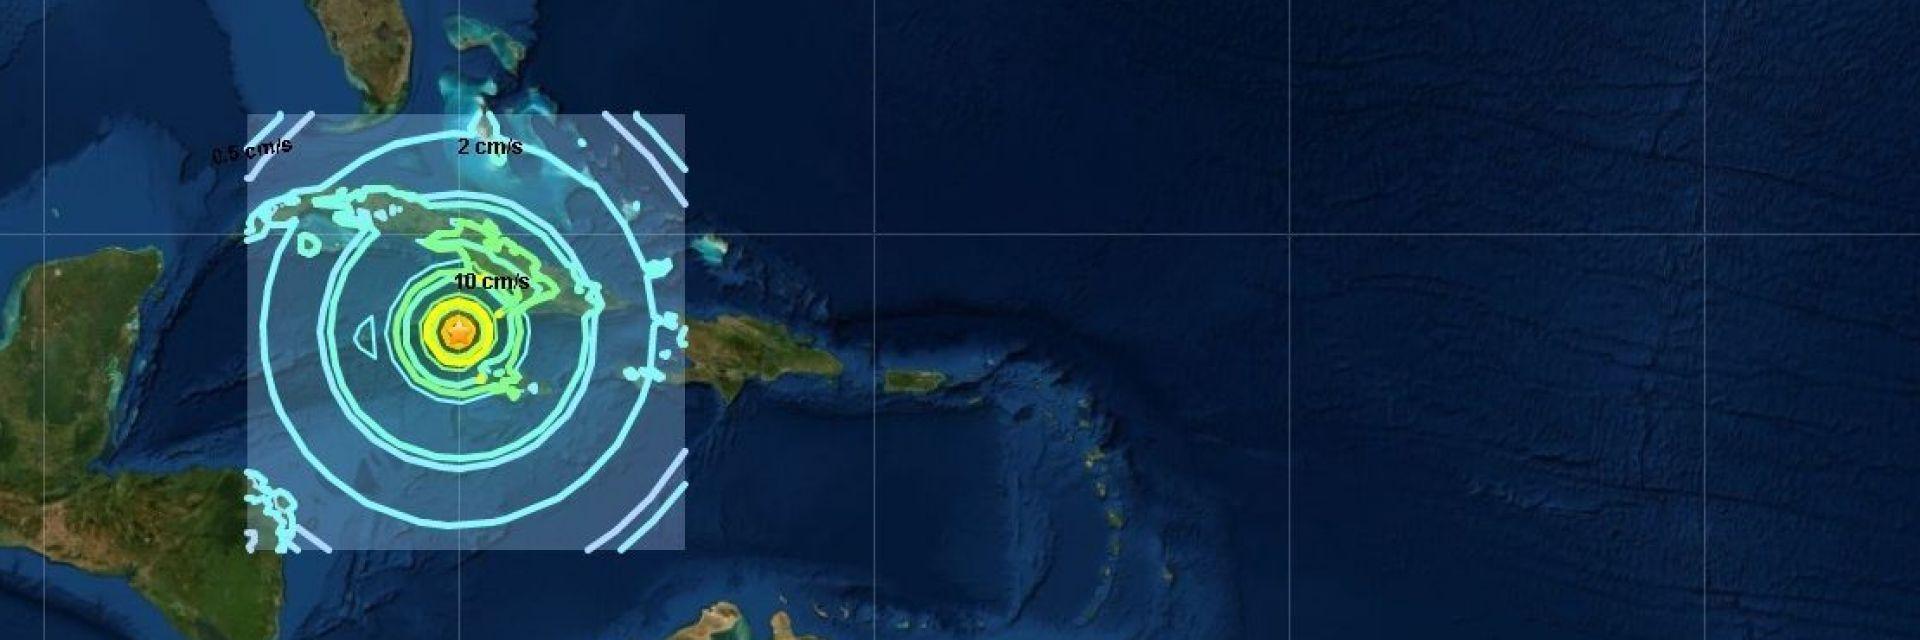 Опасност от цунами за Ямайка и Куба след мощно земетресение, разклатило и Маями